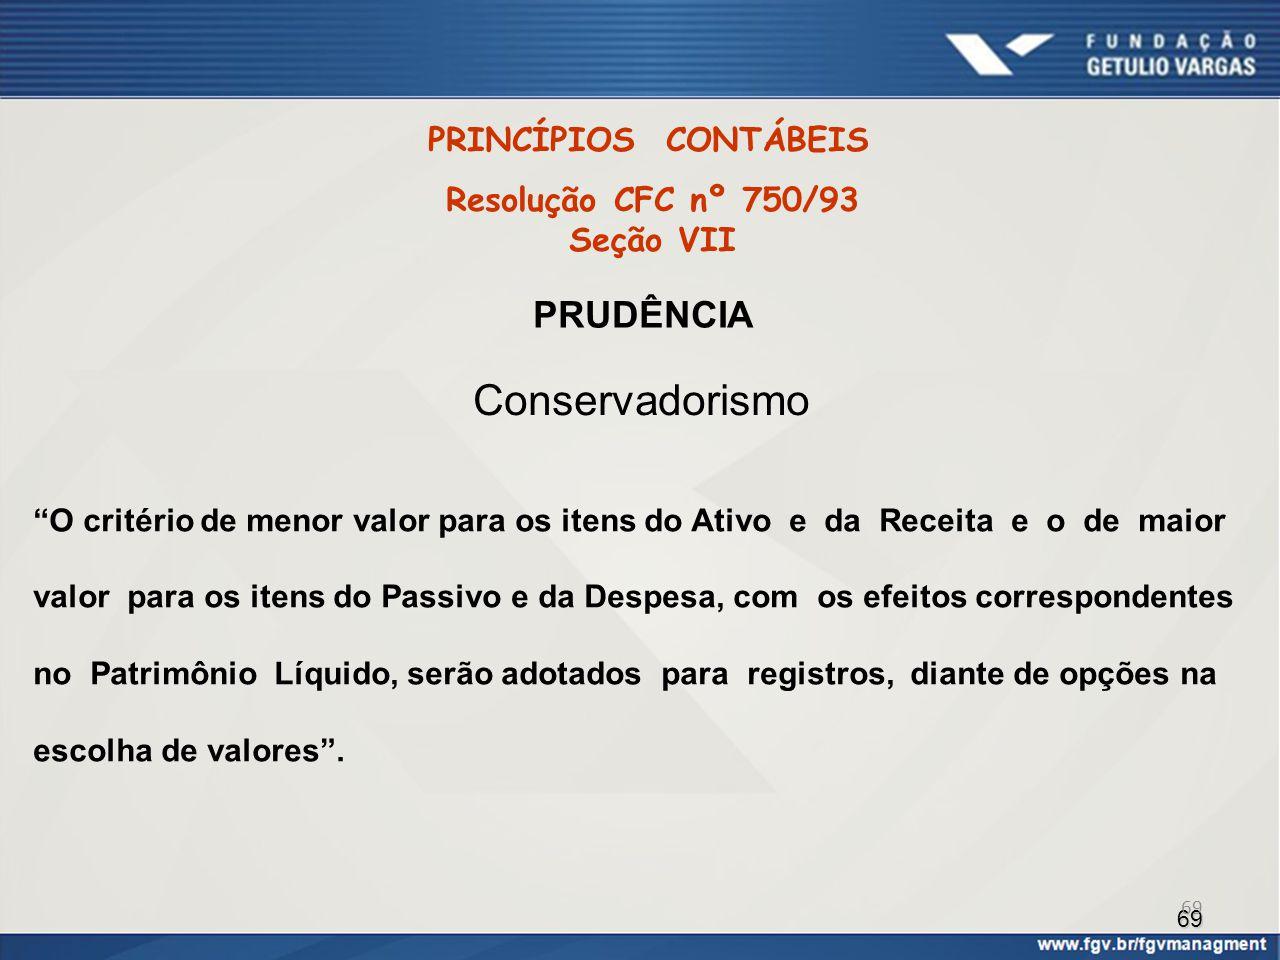 Conservadorismo PRUDÊNCIA PRINCÍPIOS CONTÁBEIS Resolução CFC nº 750/93